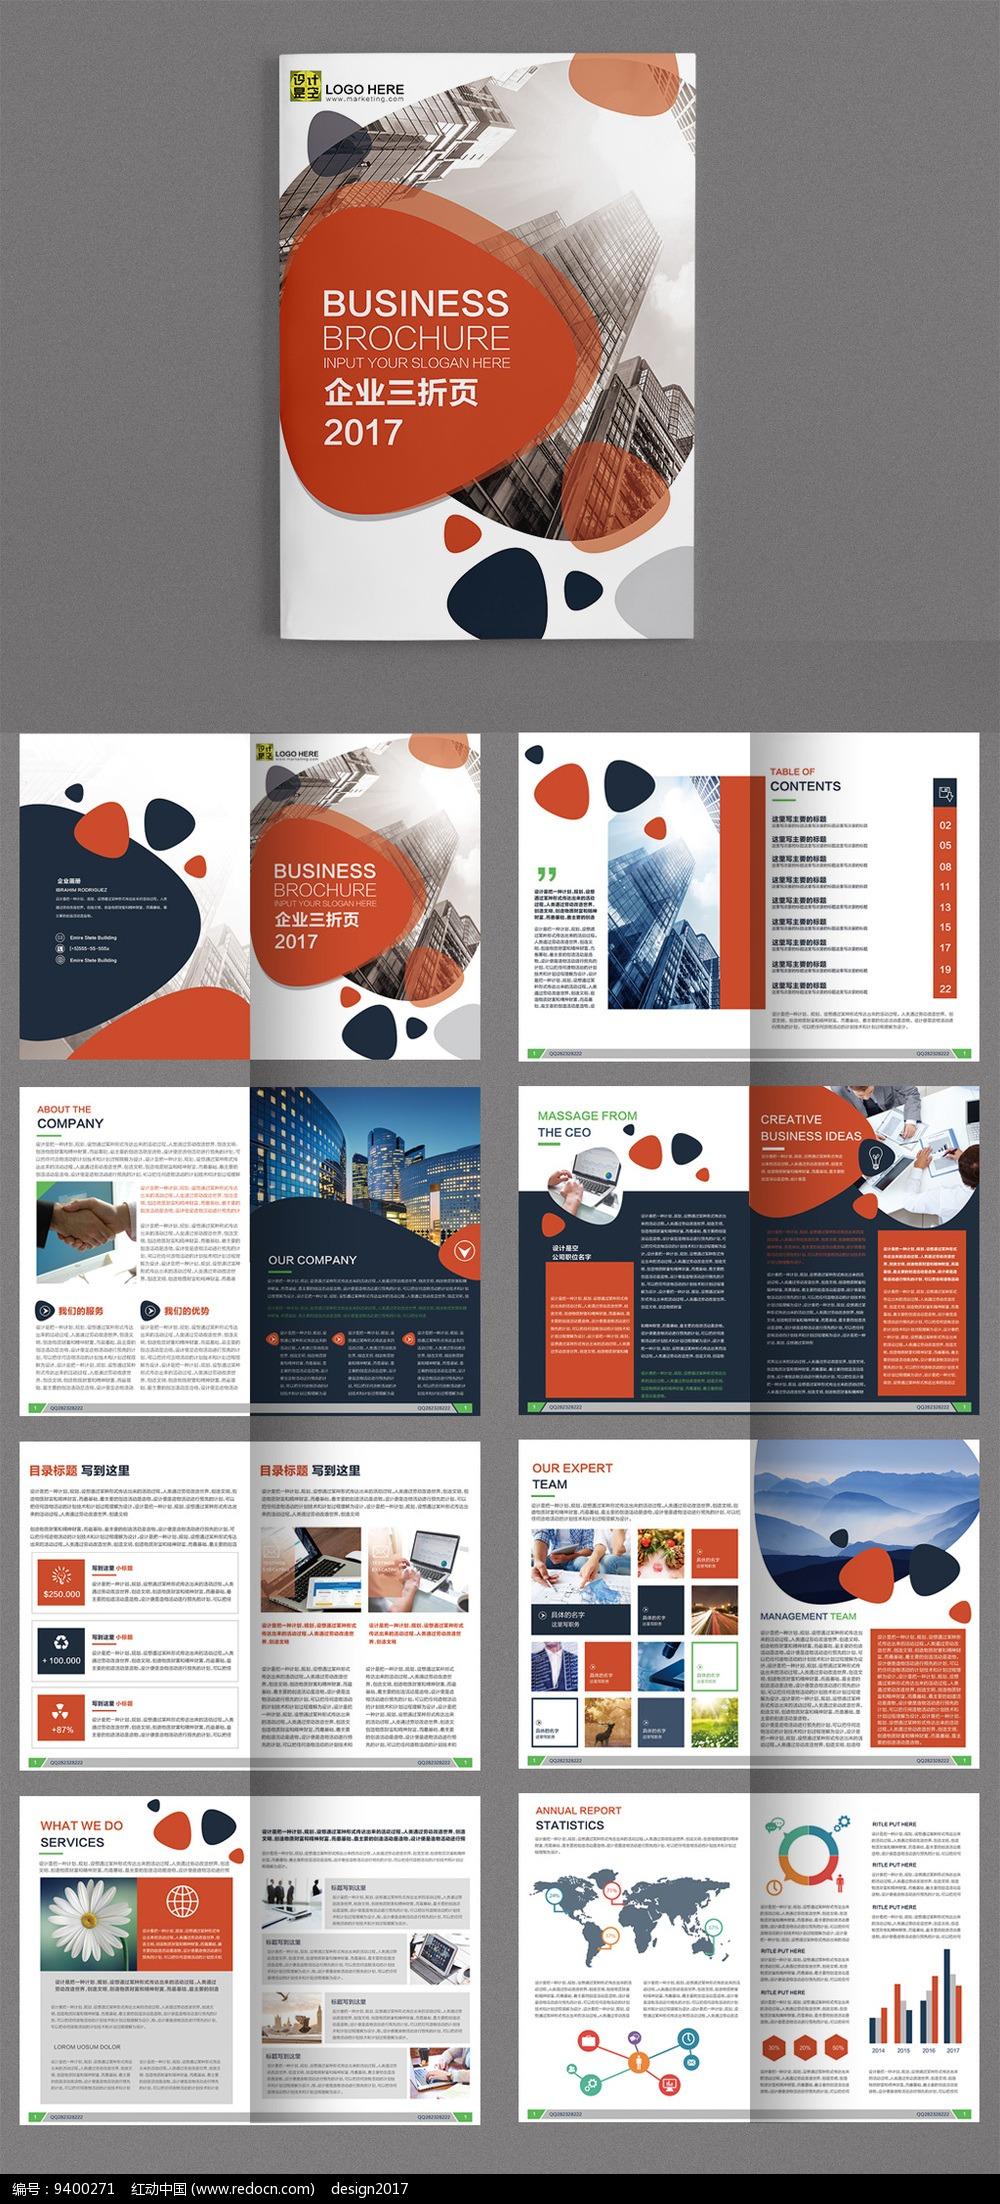 精美时尚都市商务企业宣传画册设计整套素材图片